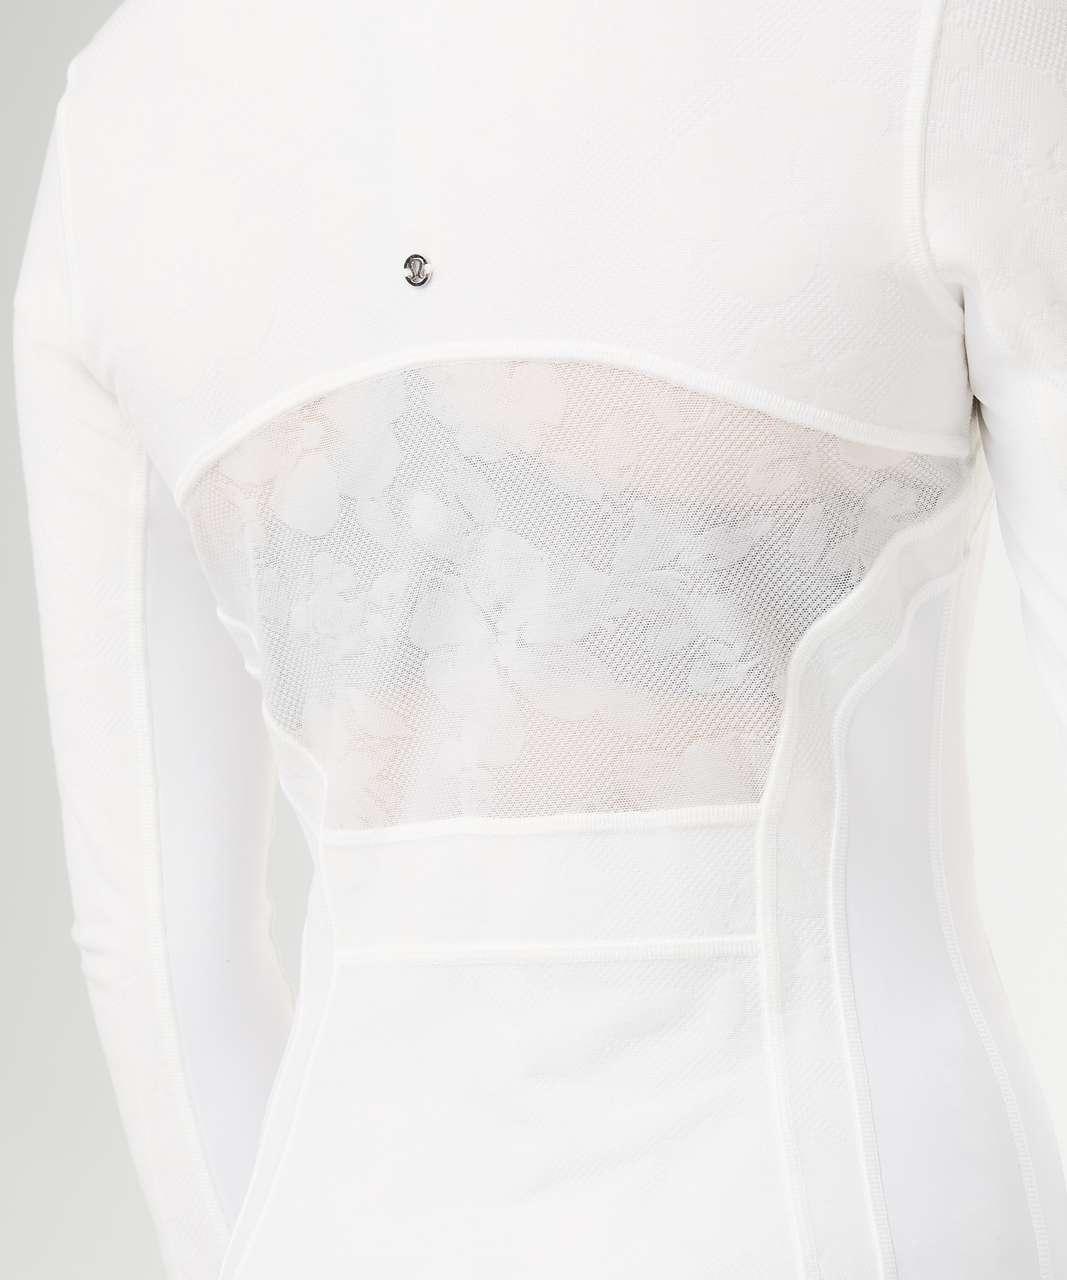 Lululemon Define Jacket Flocked - White